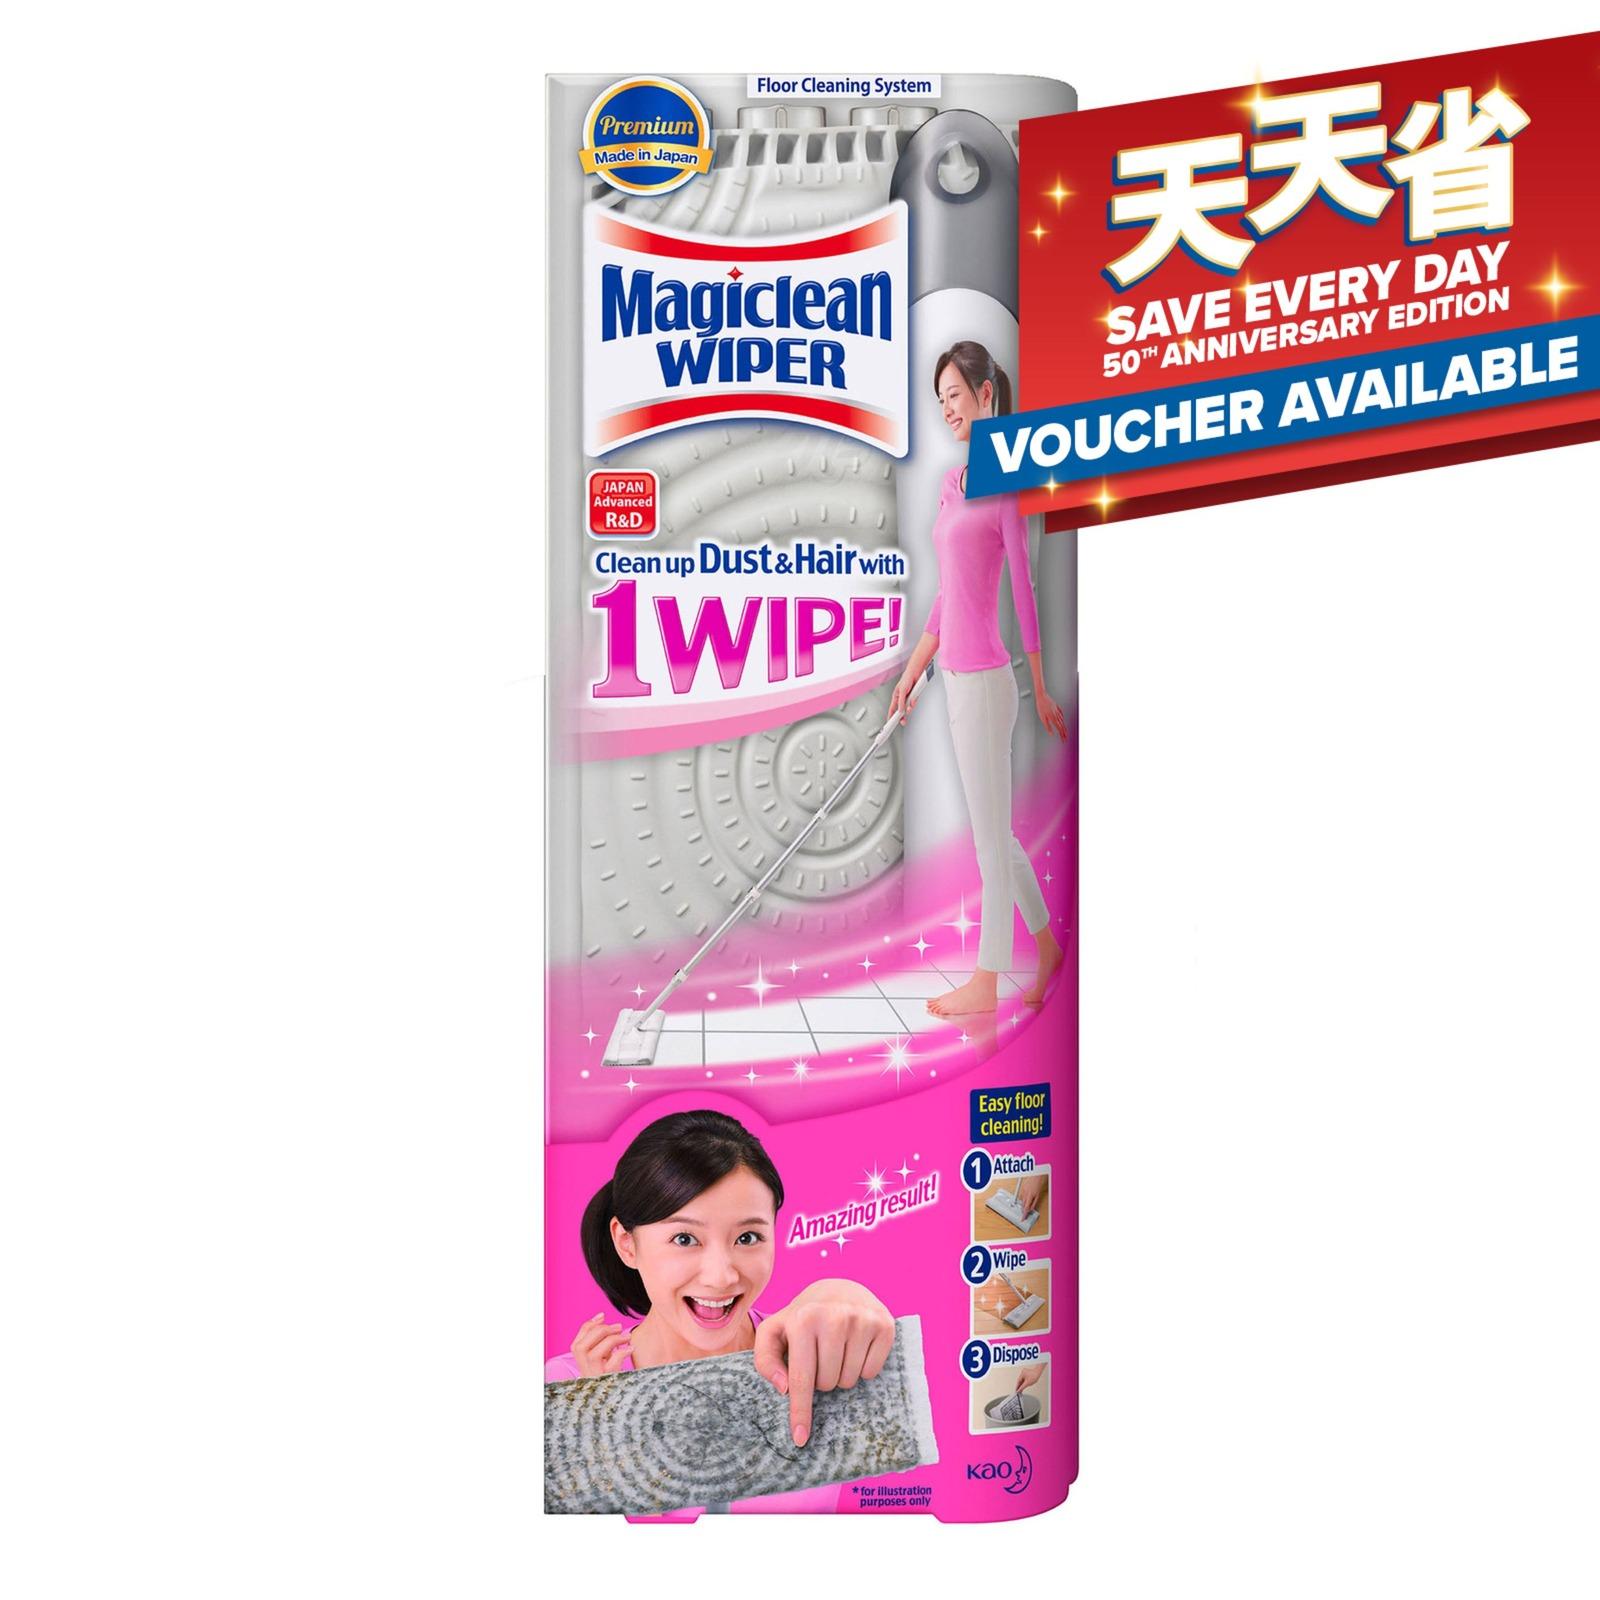 Magiclean Wiper Wipe & Mop Set